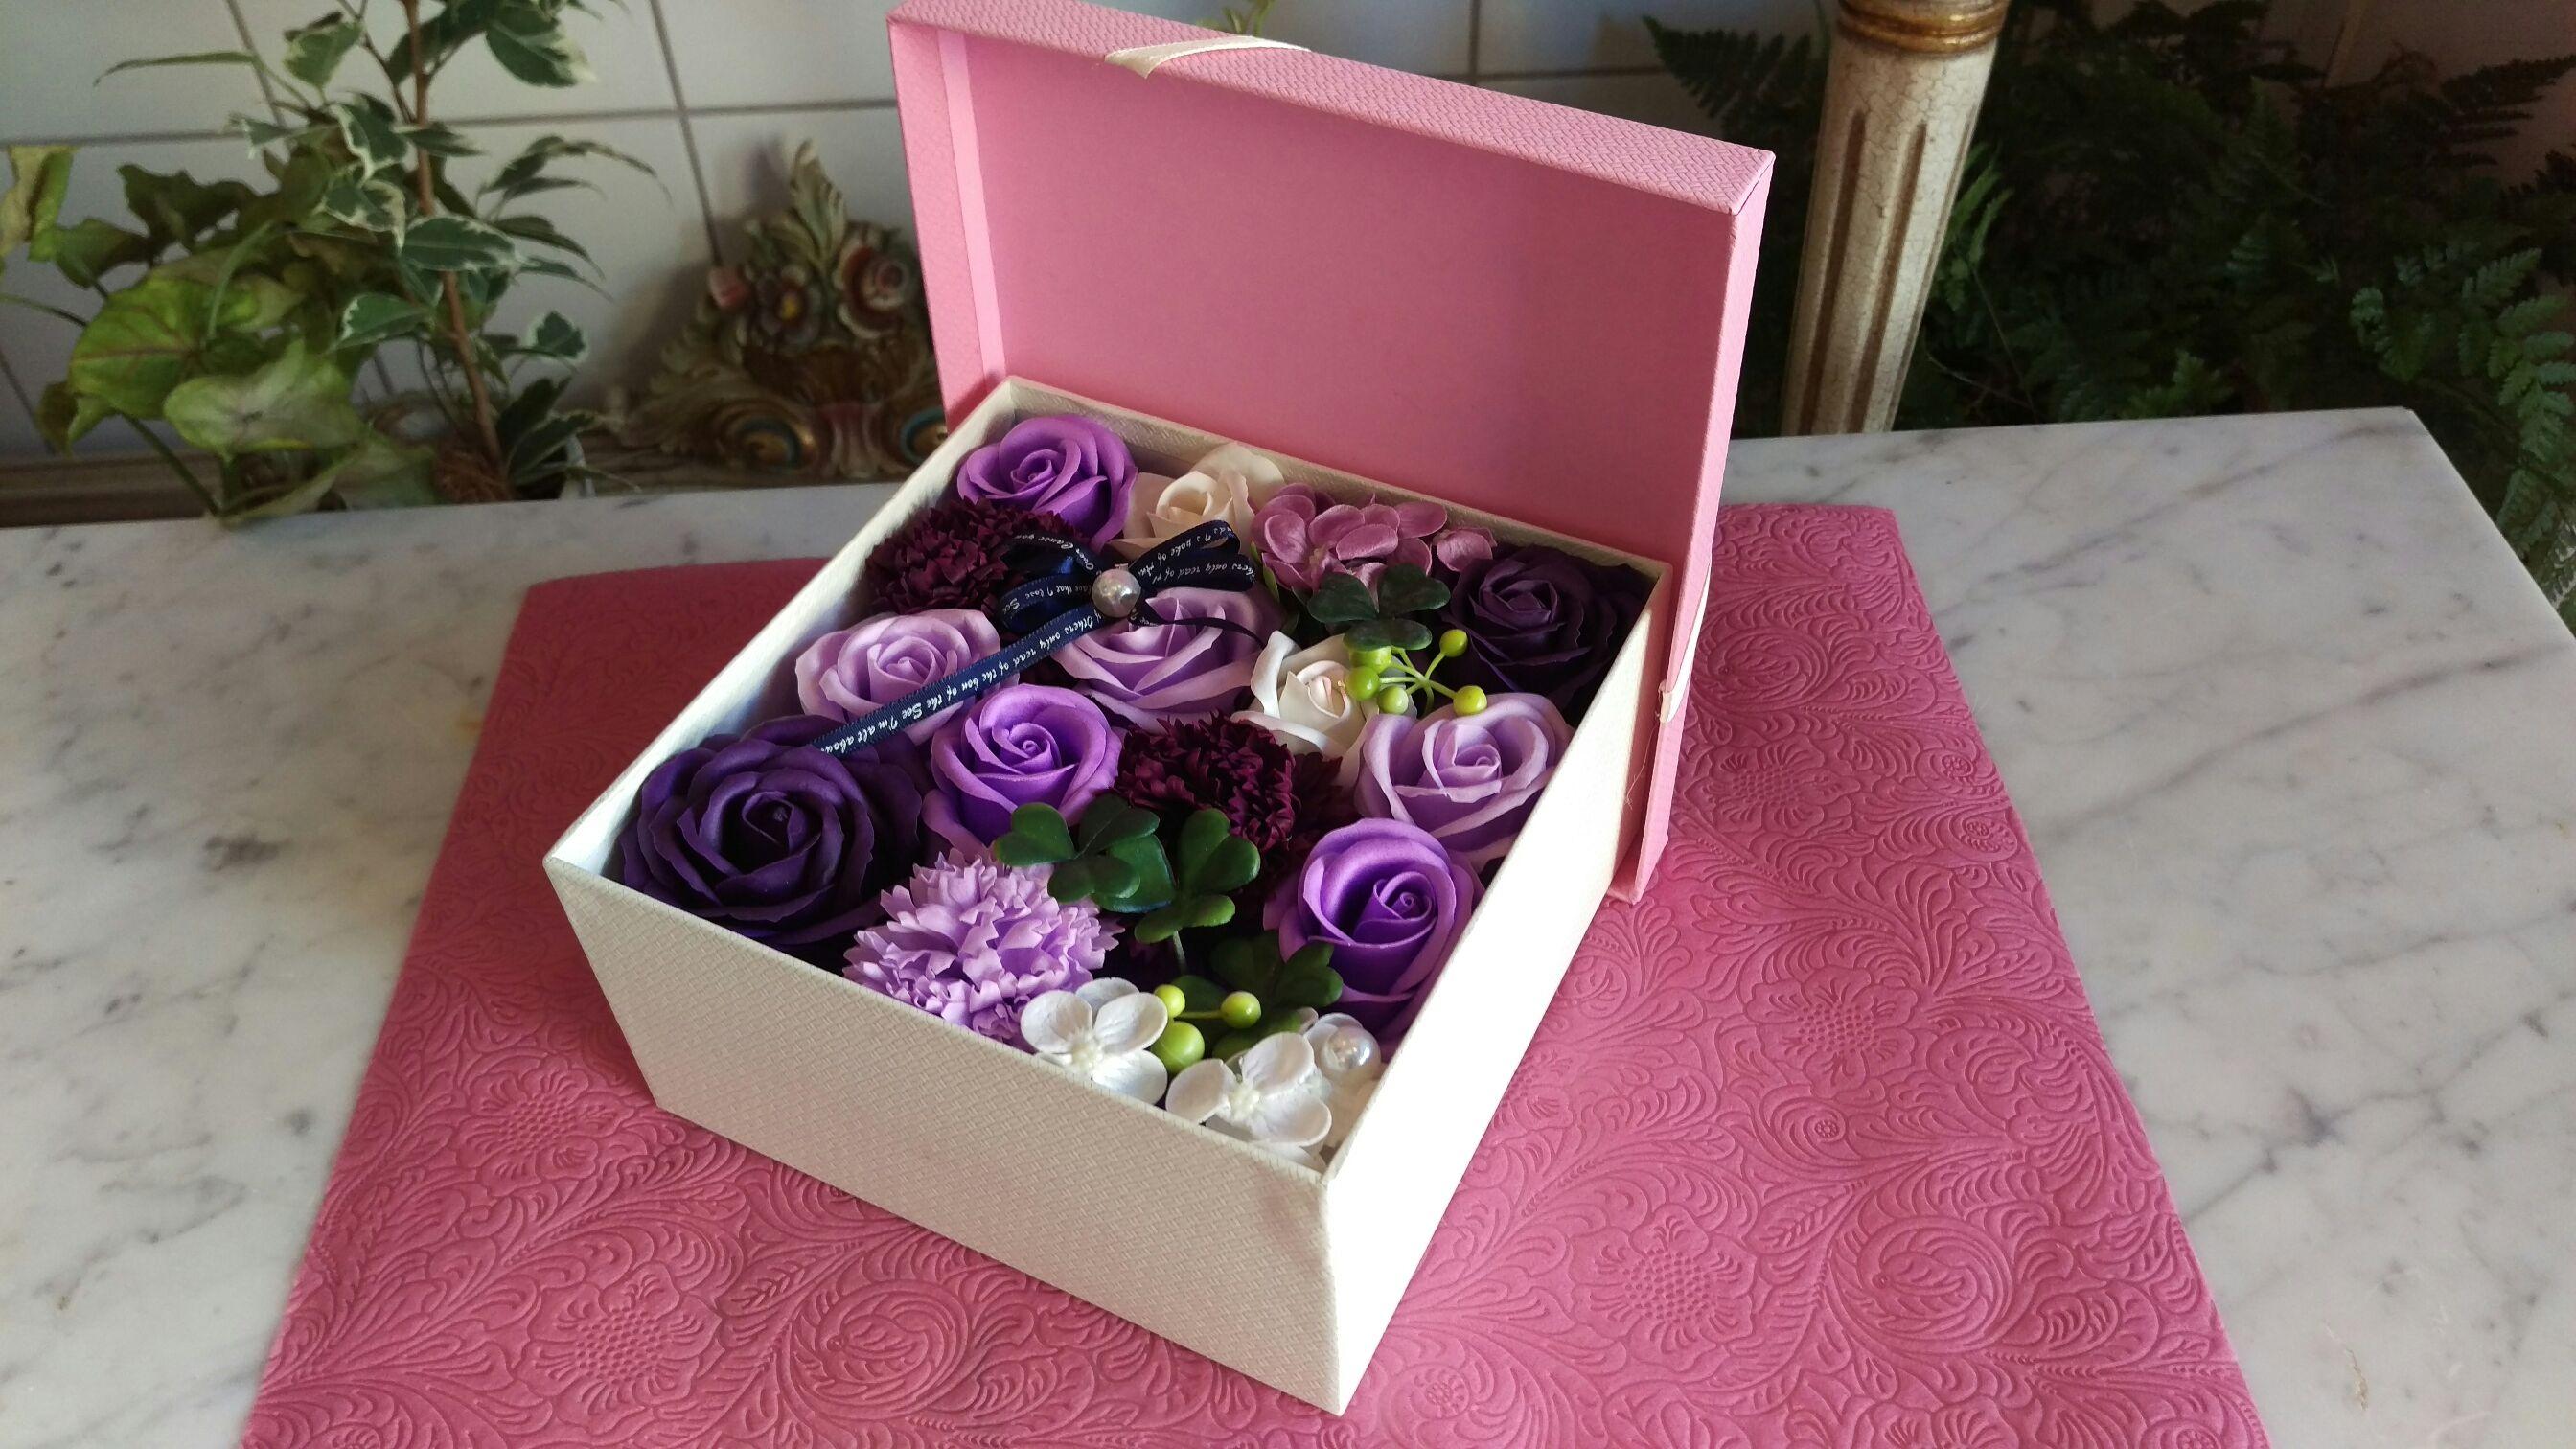 ソープフラワーボックスアレンジメント(紫)